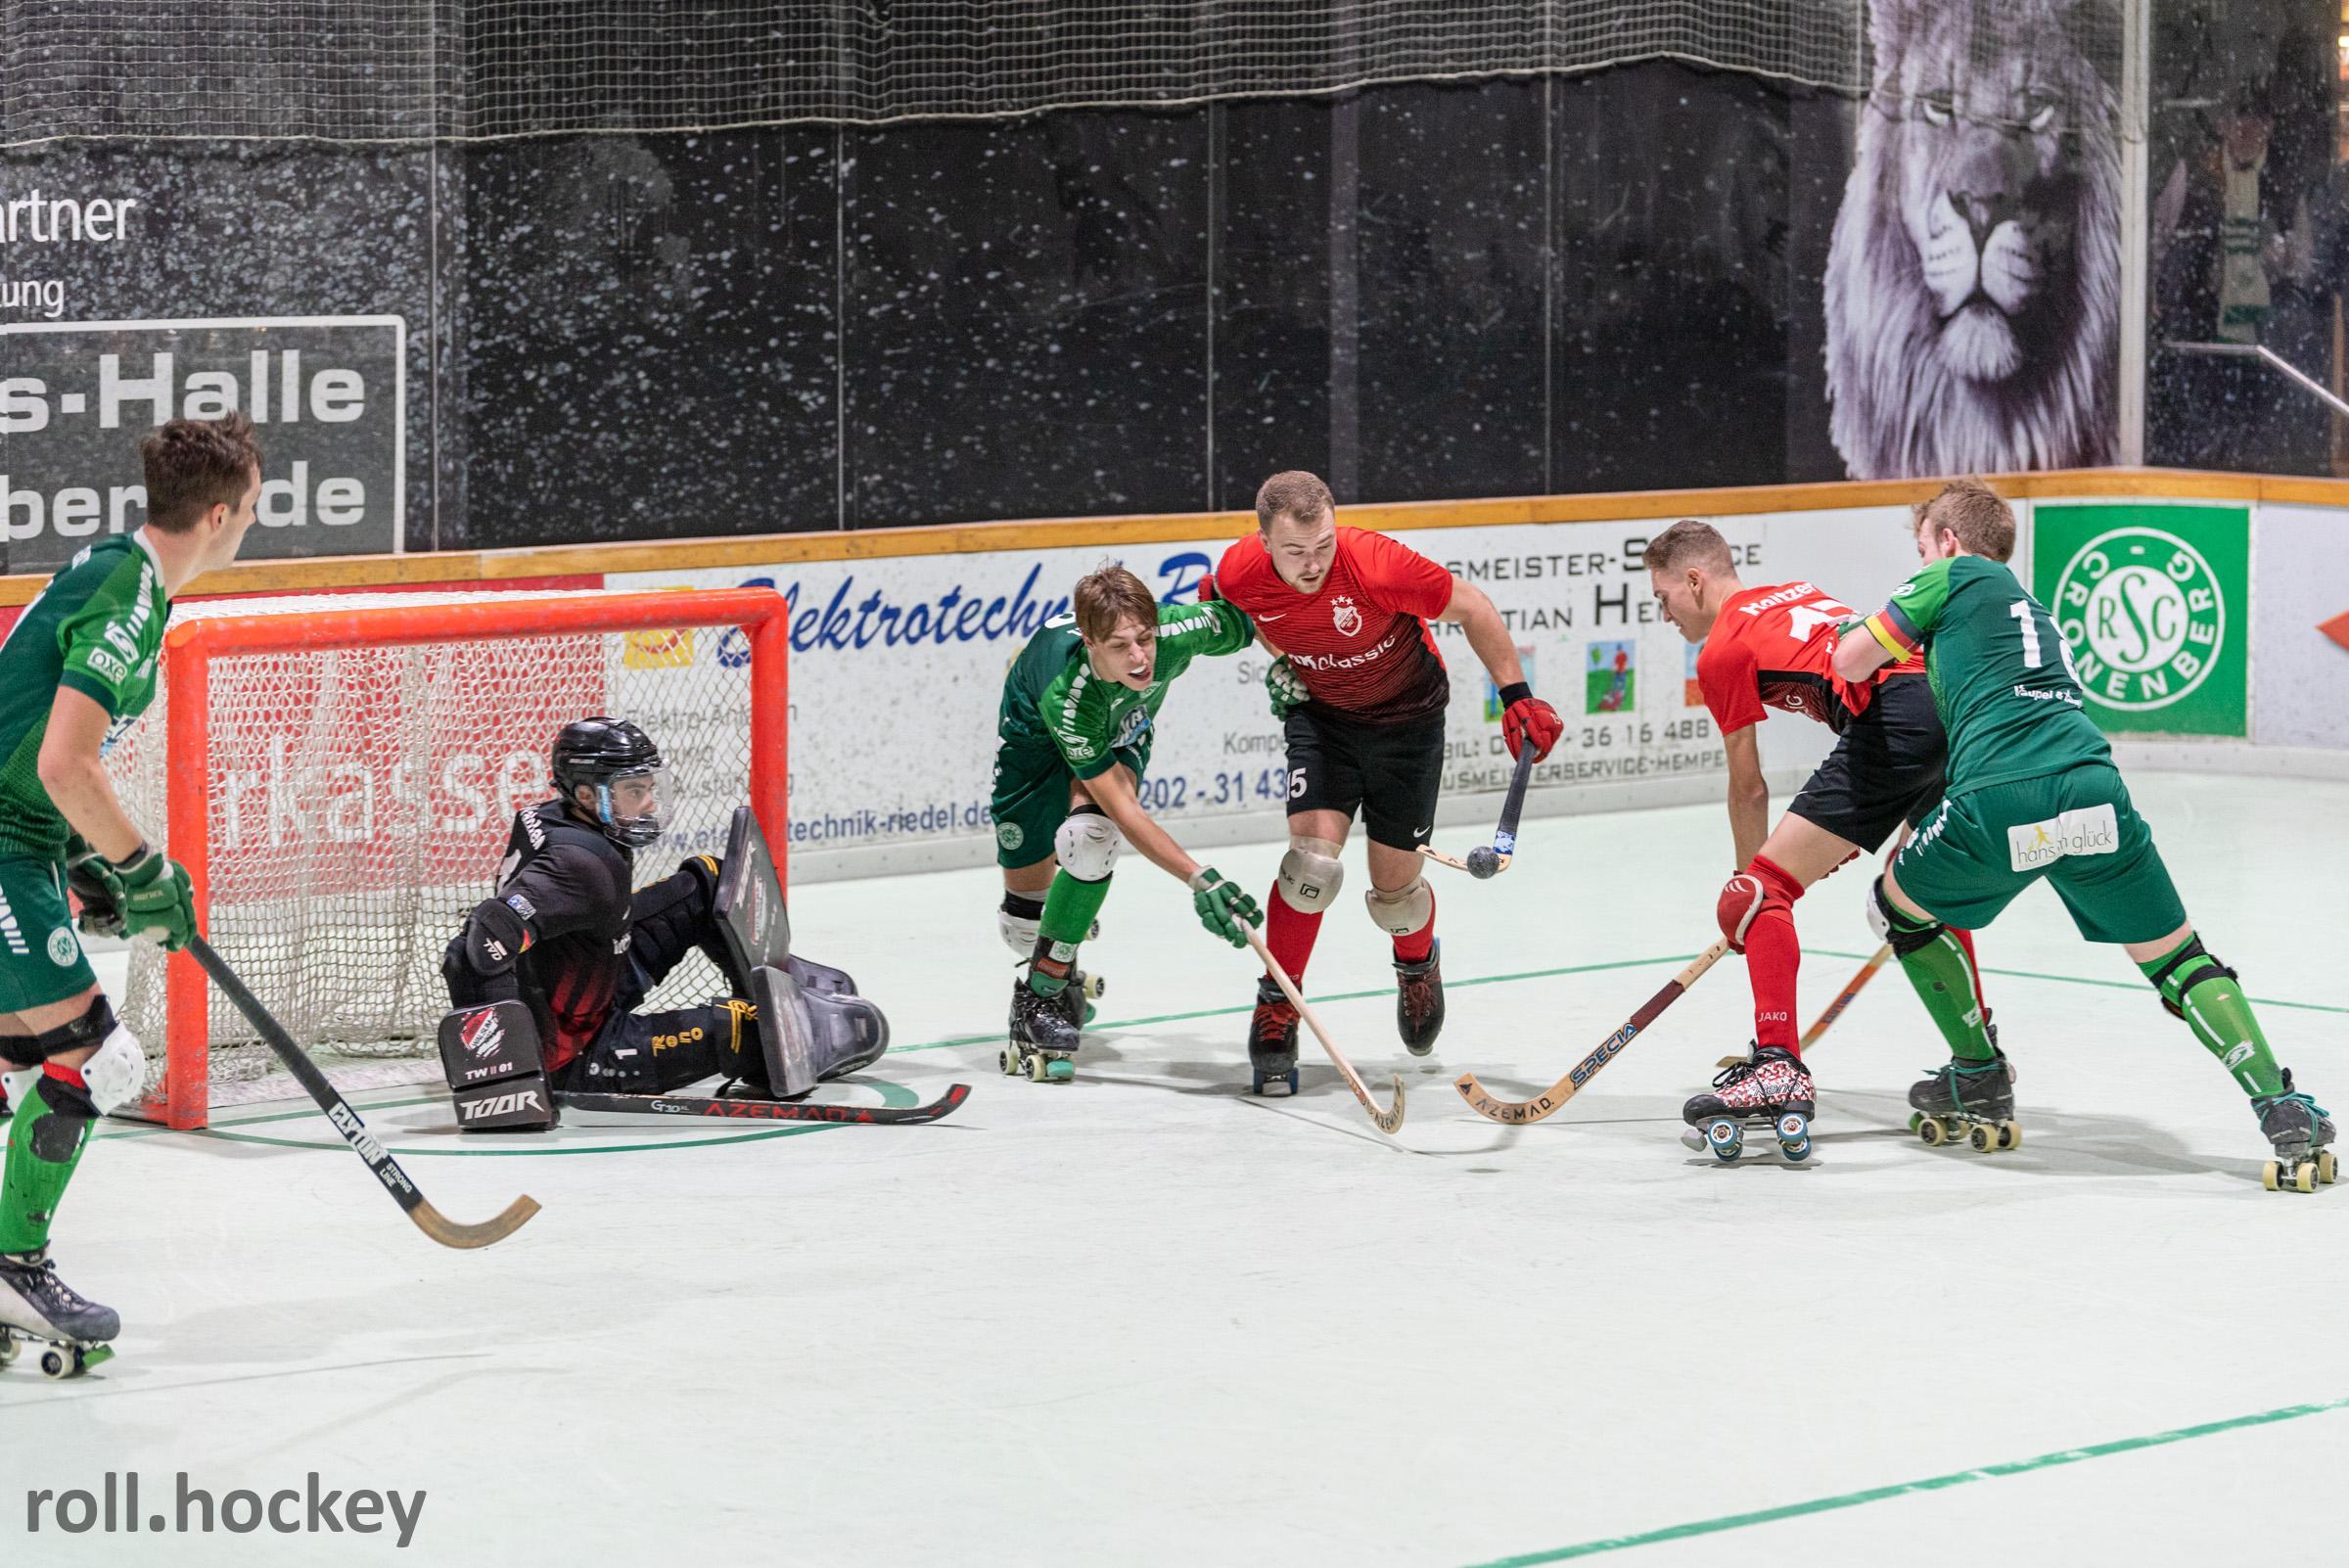 RSC Cronenberg Rollhockey Bundesliga Herren Spieltag 23.11.2019